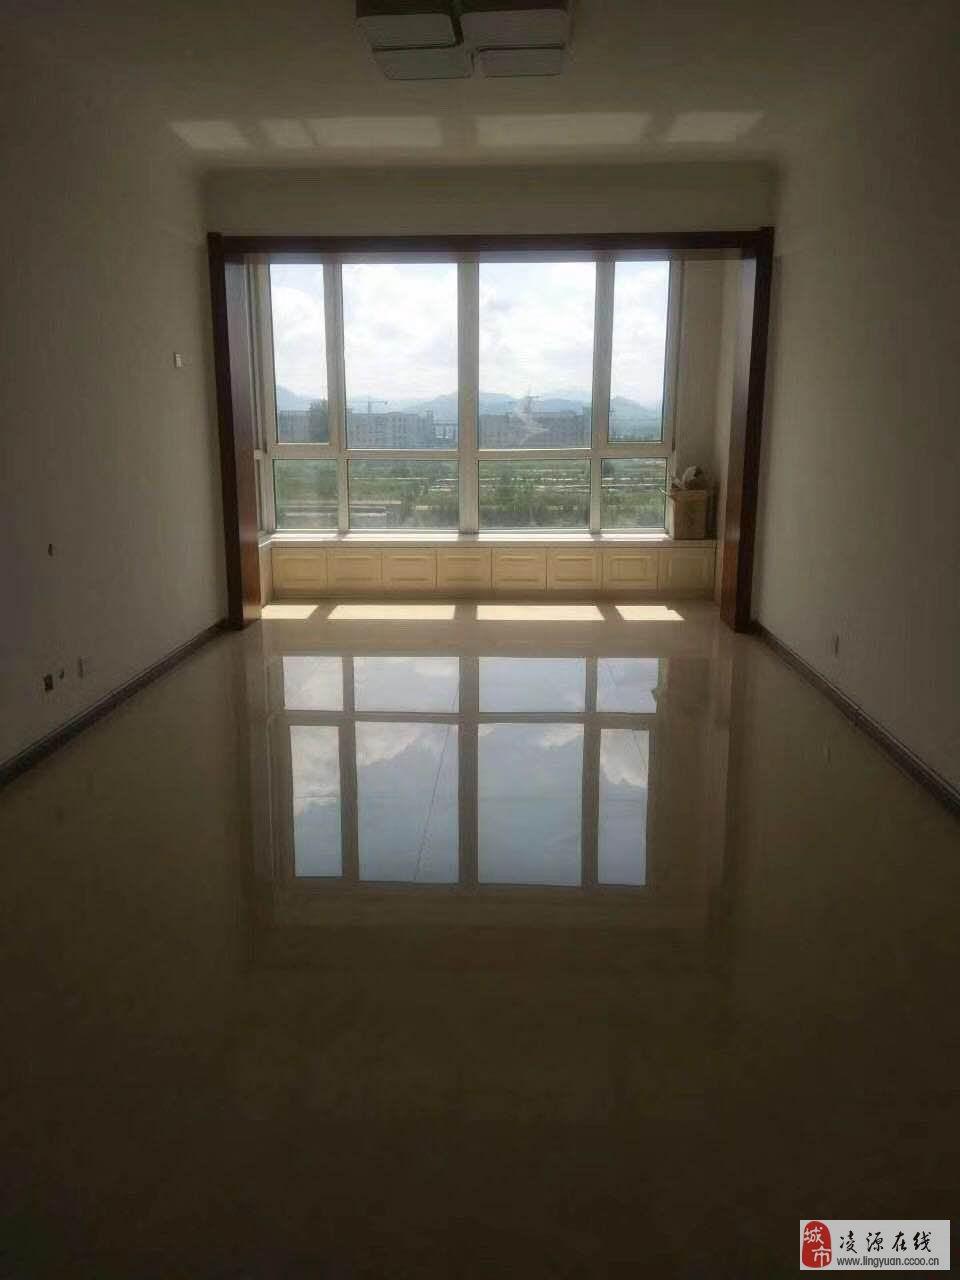 出售鴻晟園3室2廳精裝修沒住過人閣樓67平